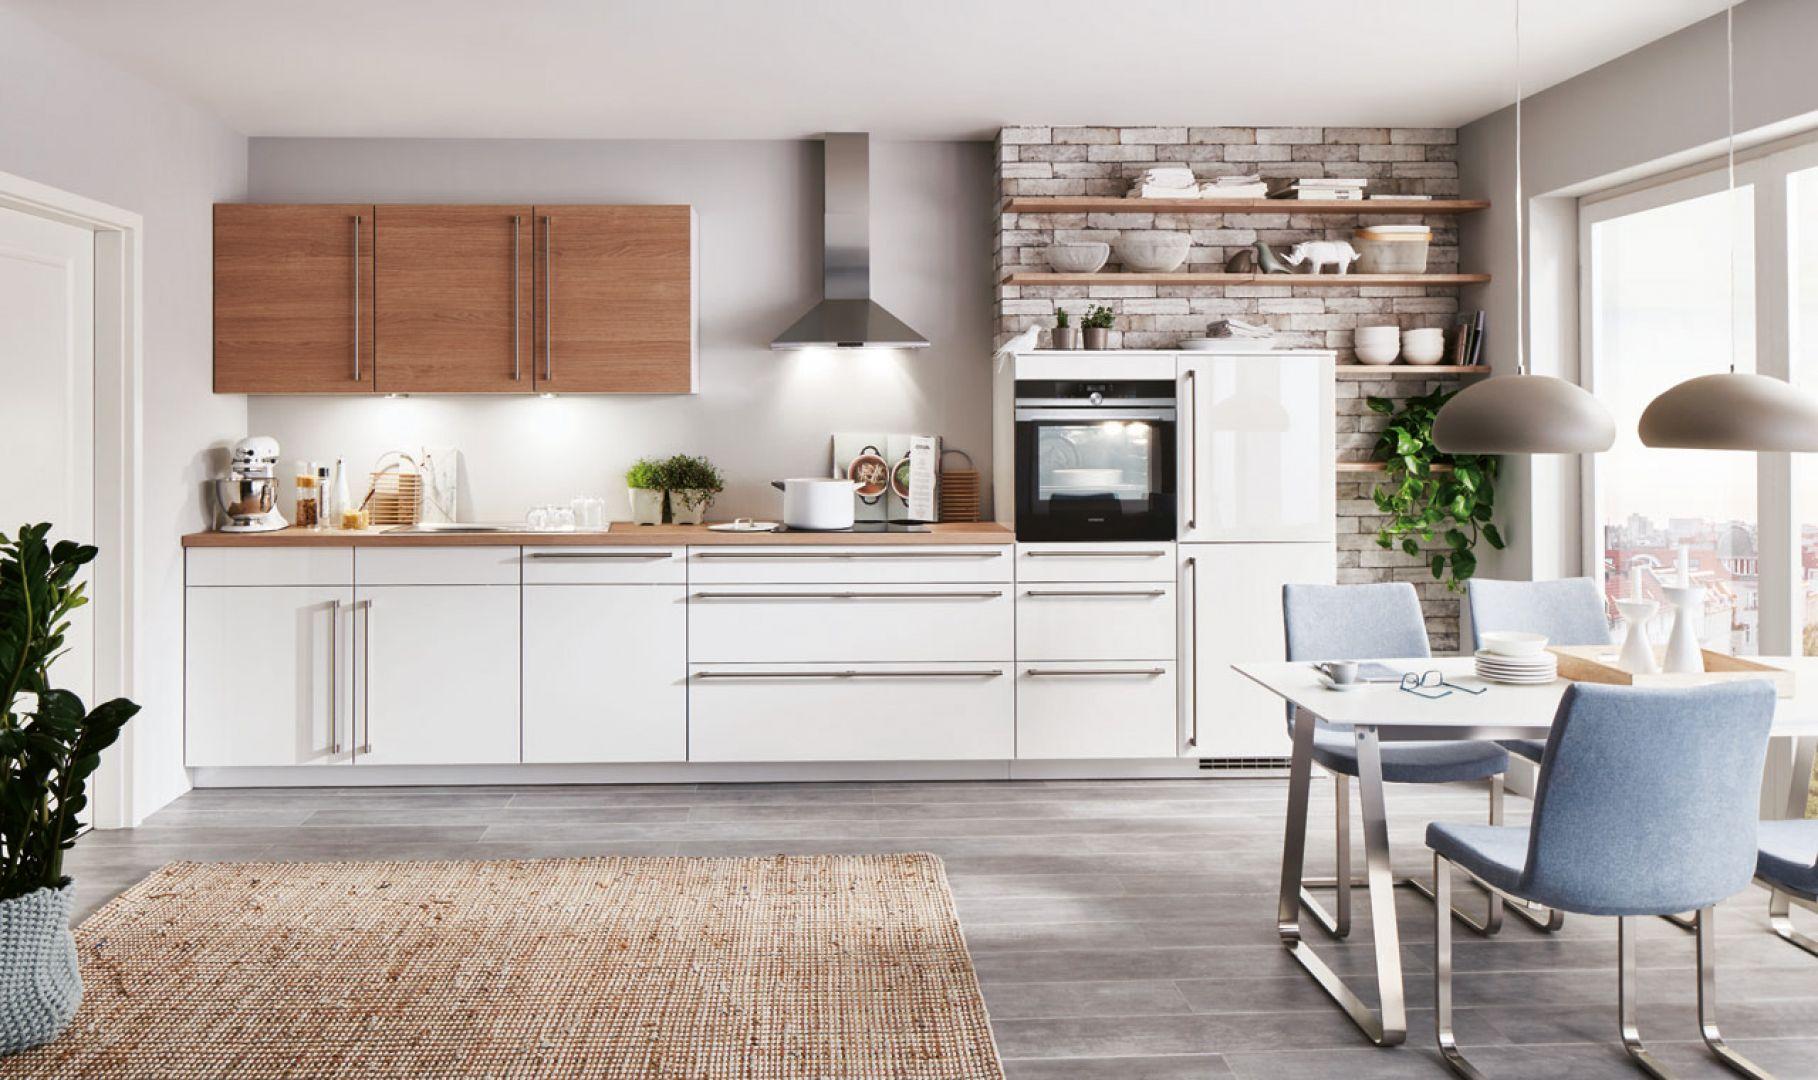 Meble do małej kuchni w białym kolorze z kolekcji Flash. Dostępne w ofercie firmy Verle Küchen. Fot. Verle Küchen